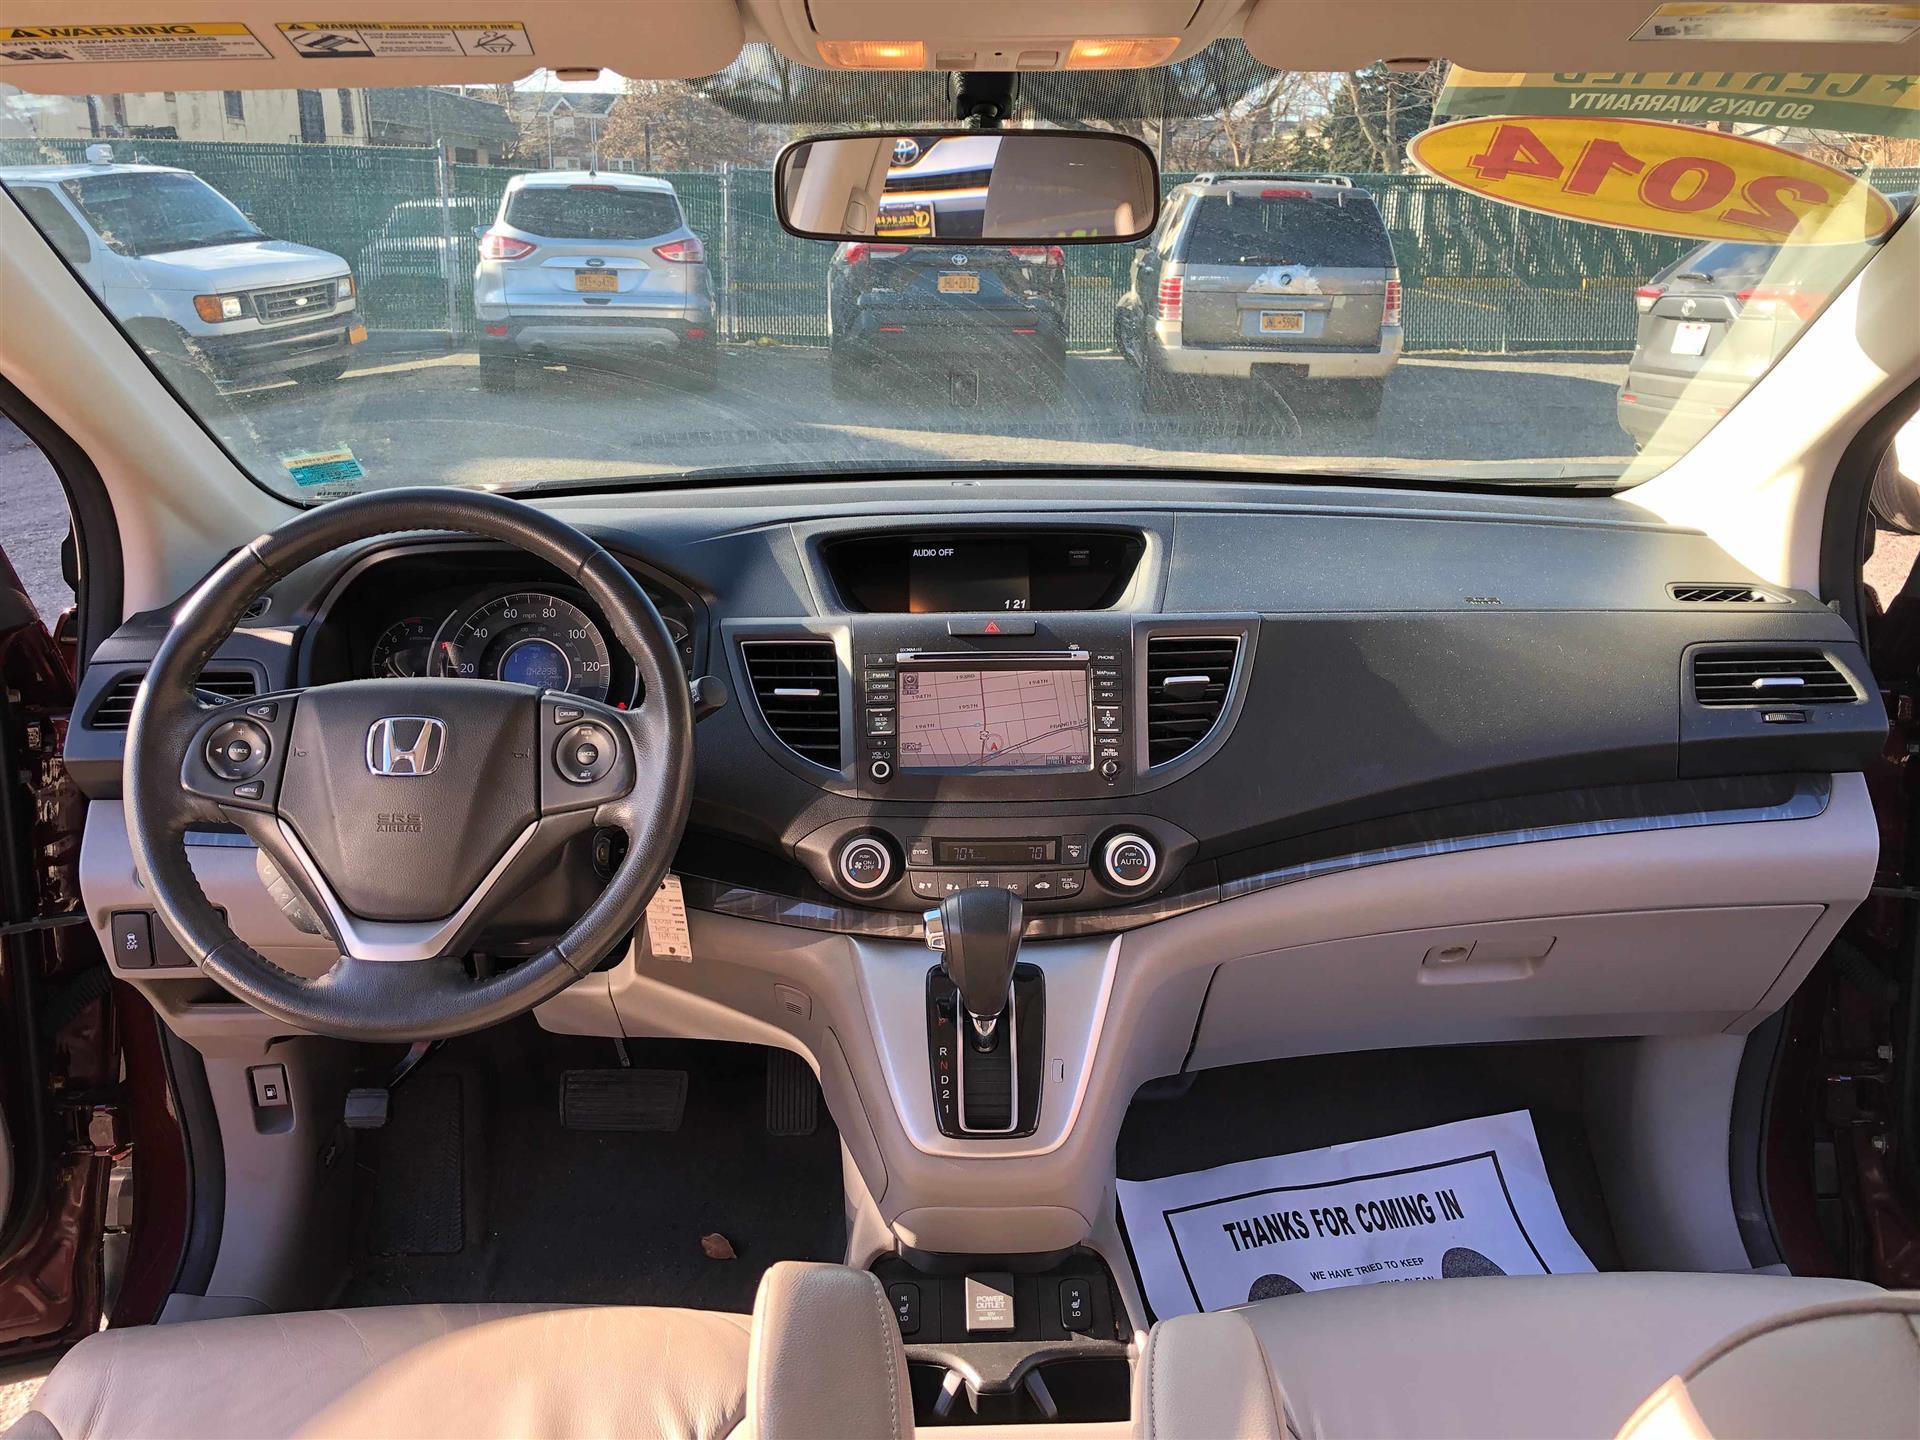 价格挺好的:2014honda CRV EXL AwD 加导航, 皮椅 天窗 , 只开了42000miles, 1首车主 车子状态好